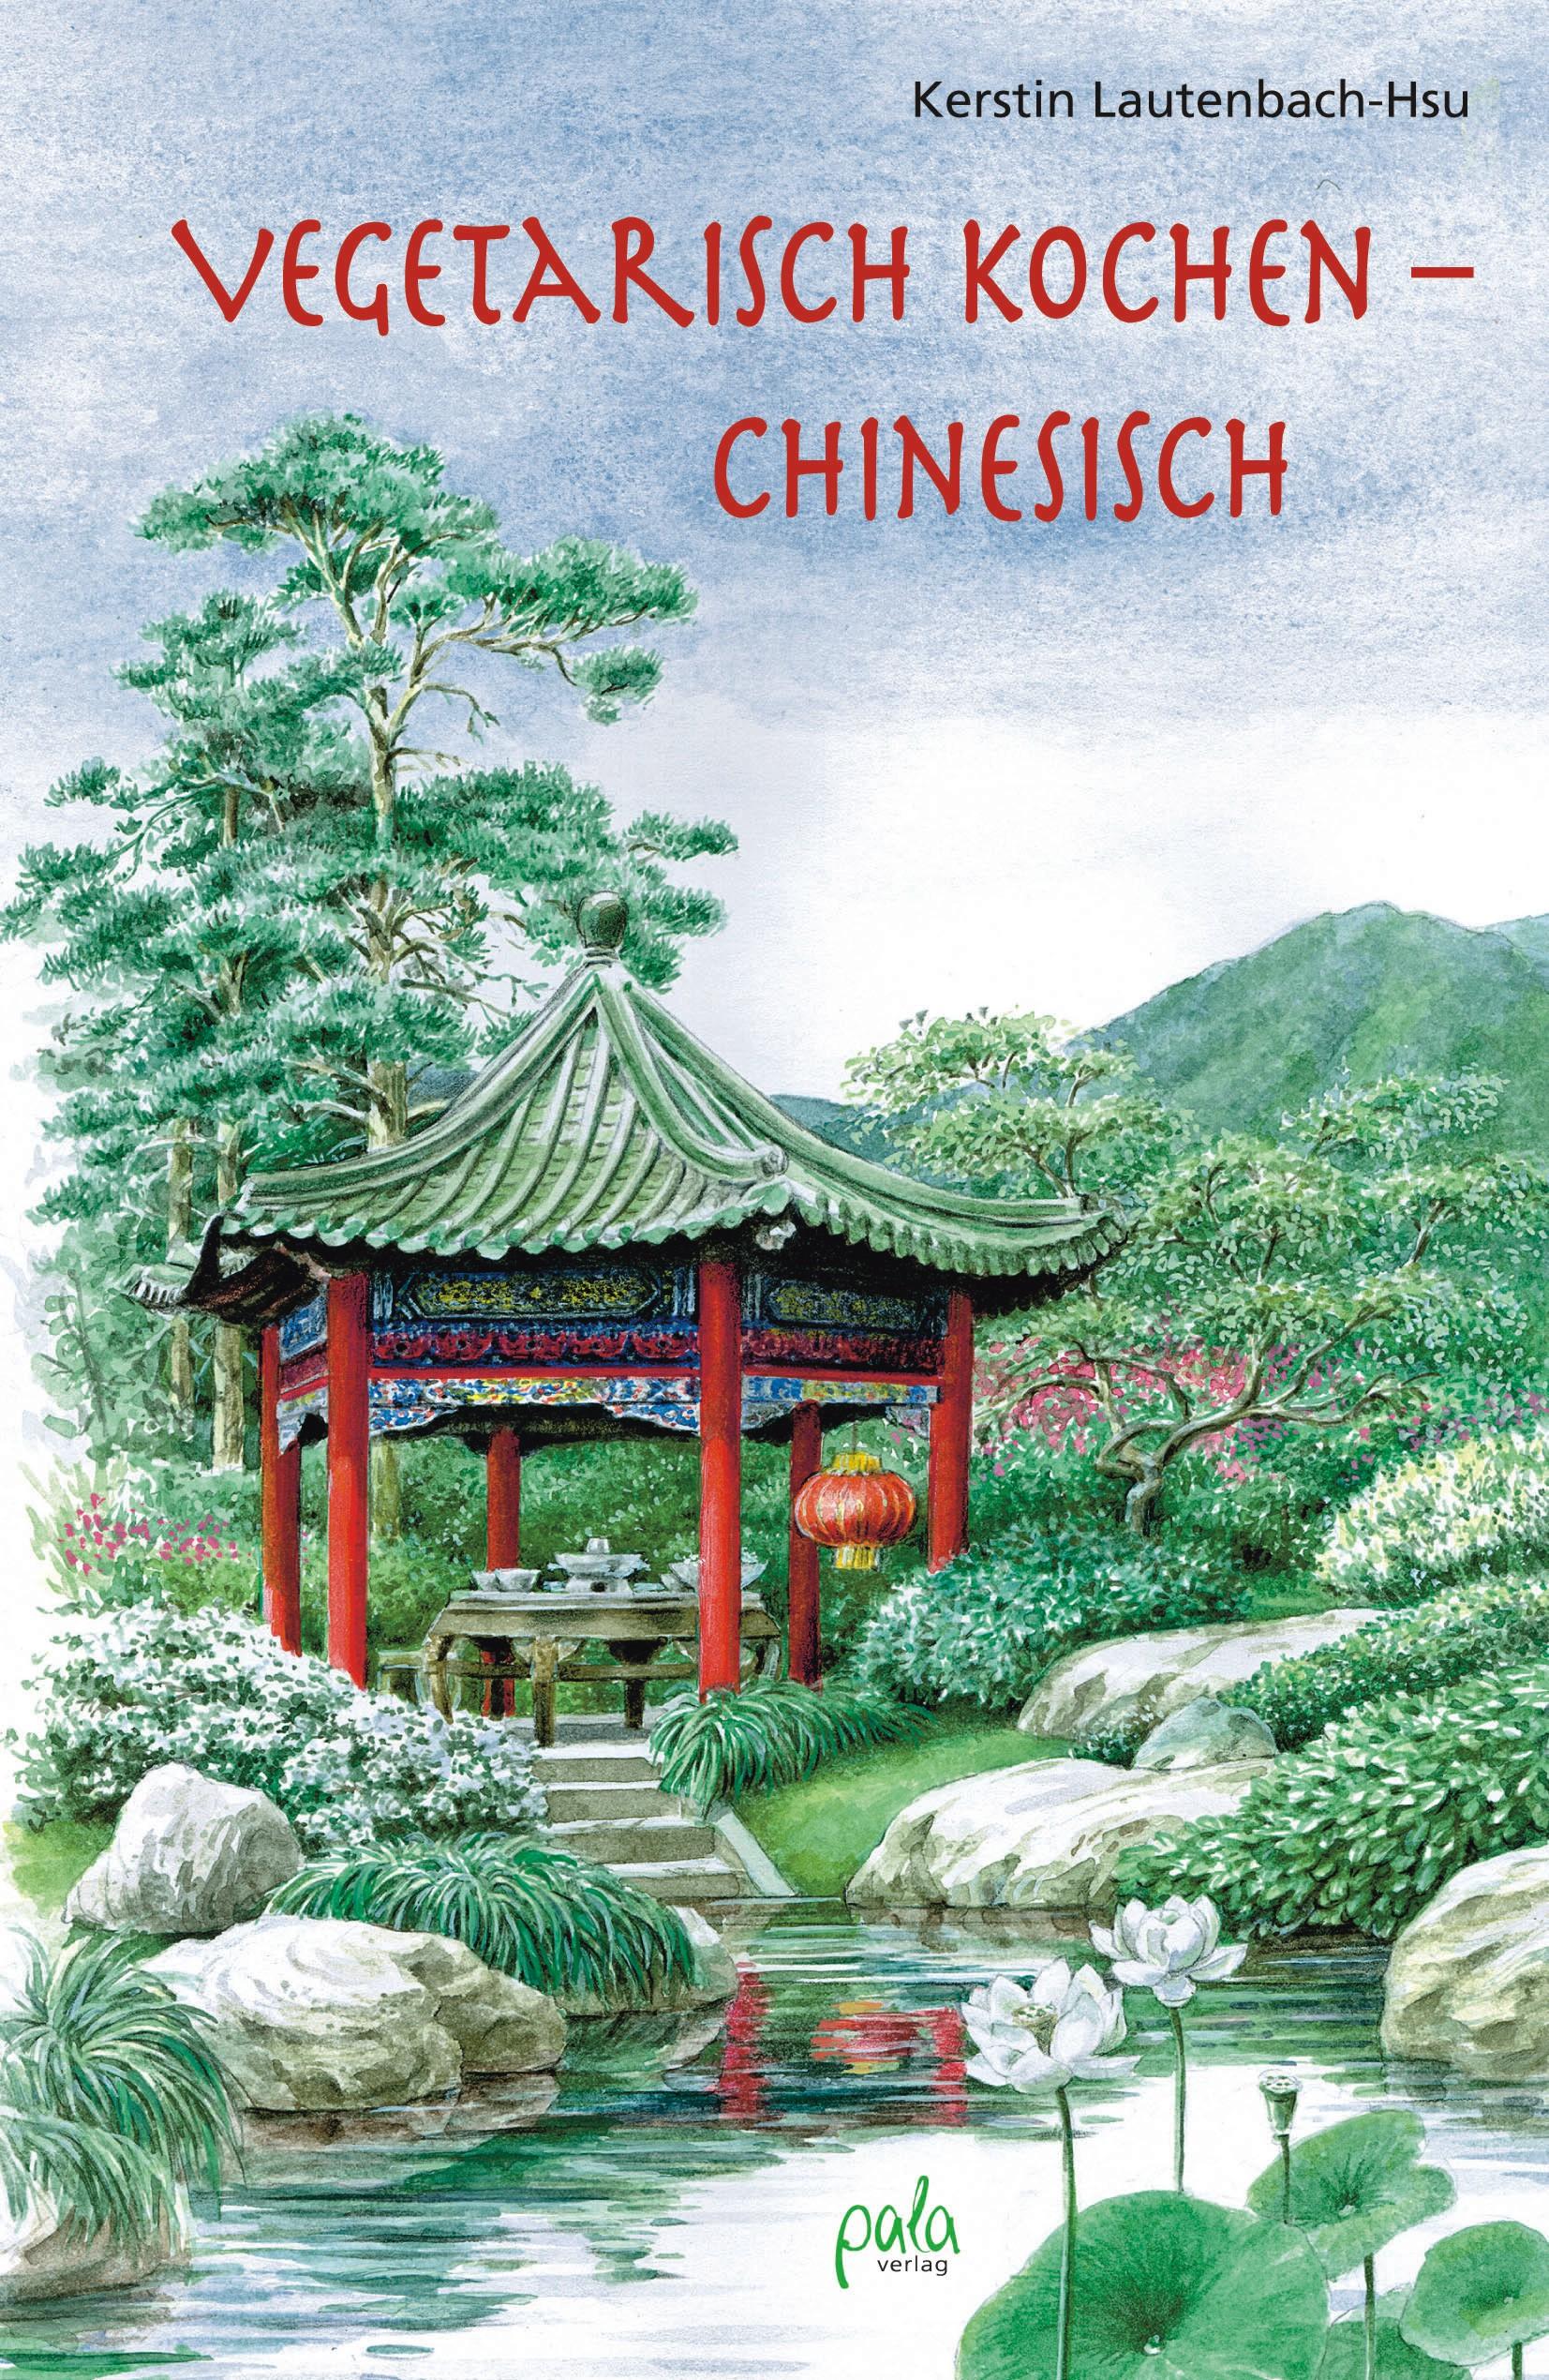 9783895662591 Vegetarisch kochen - chinesisch